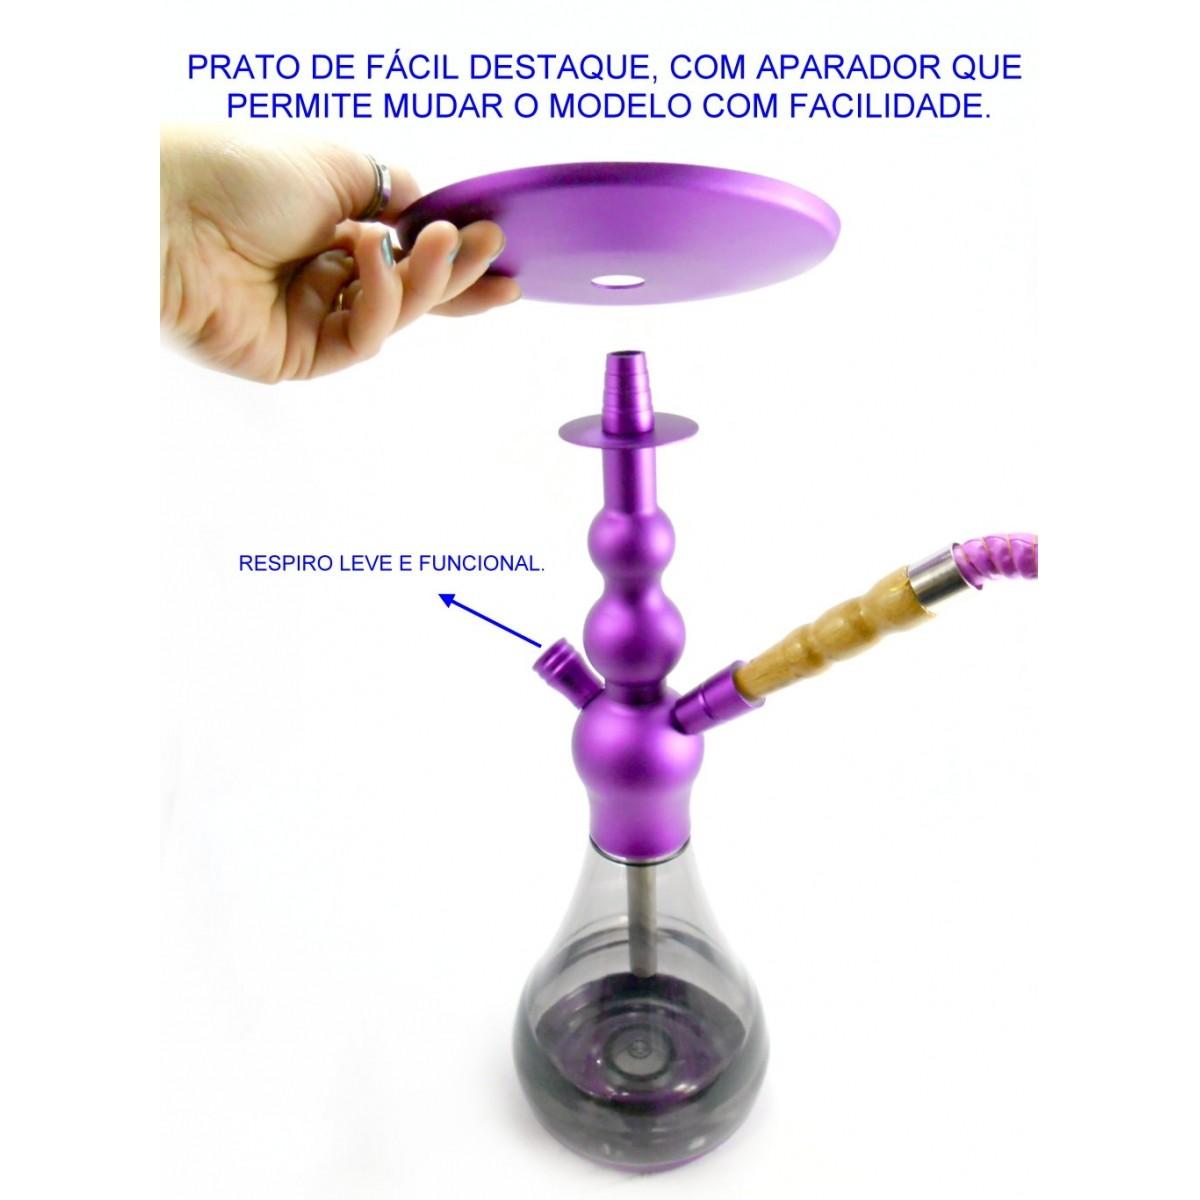 Narguile YAHYA 42 cm, em ALUMÍNIO ROSA, inoxidável. Vaso ACRÍLICO fumê. 1 mangueira. mod. MV42_ALUMCOLOR_Y13_1S-ROSA